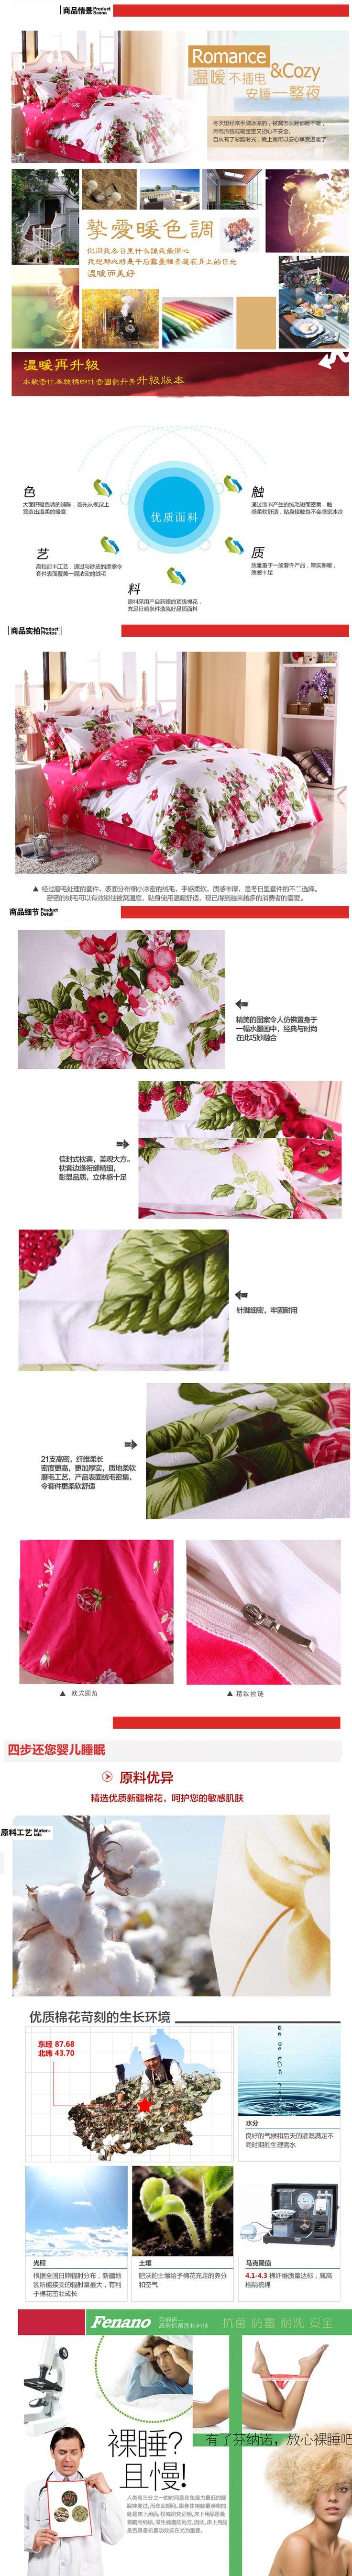 100 хлопок джинсовые полосатый хлопок джинсовые просто минималистский стиль толщиной деним подлинным бесплатная доставка - Taobao